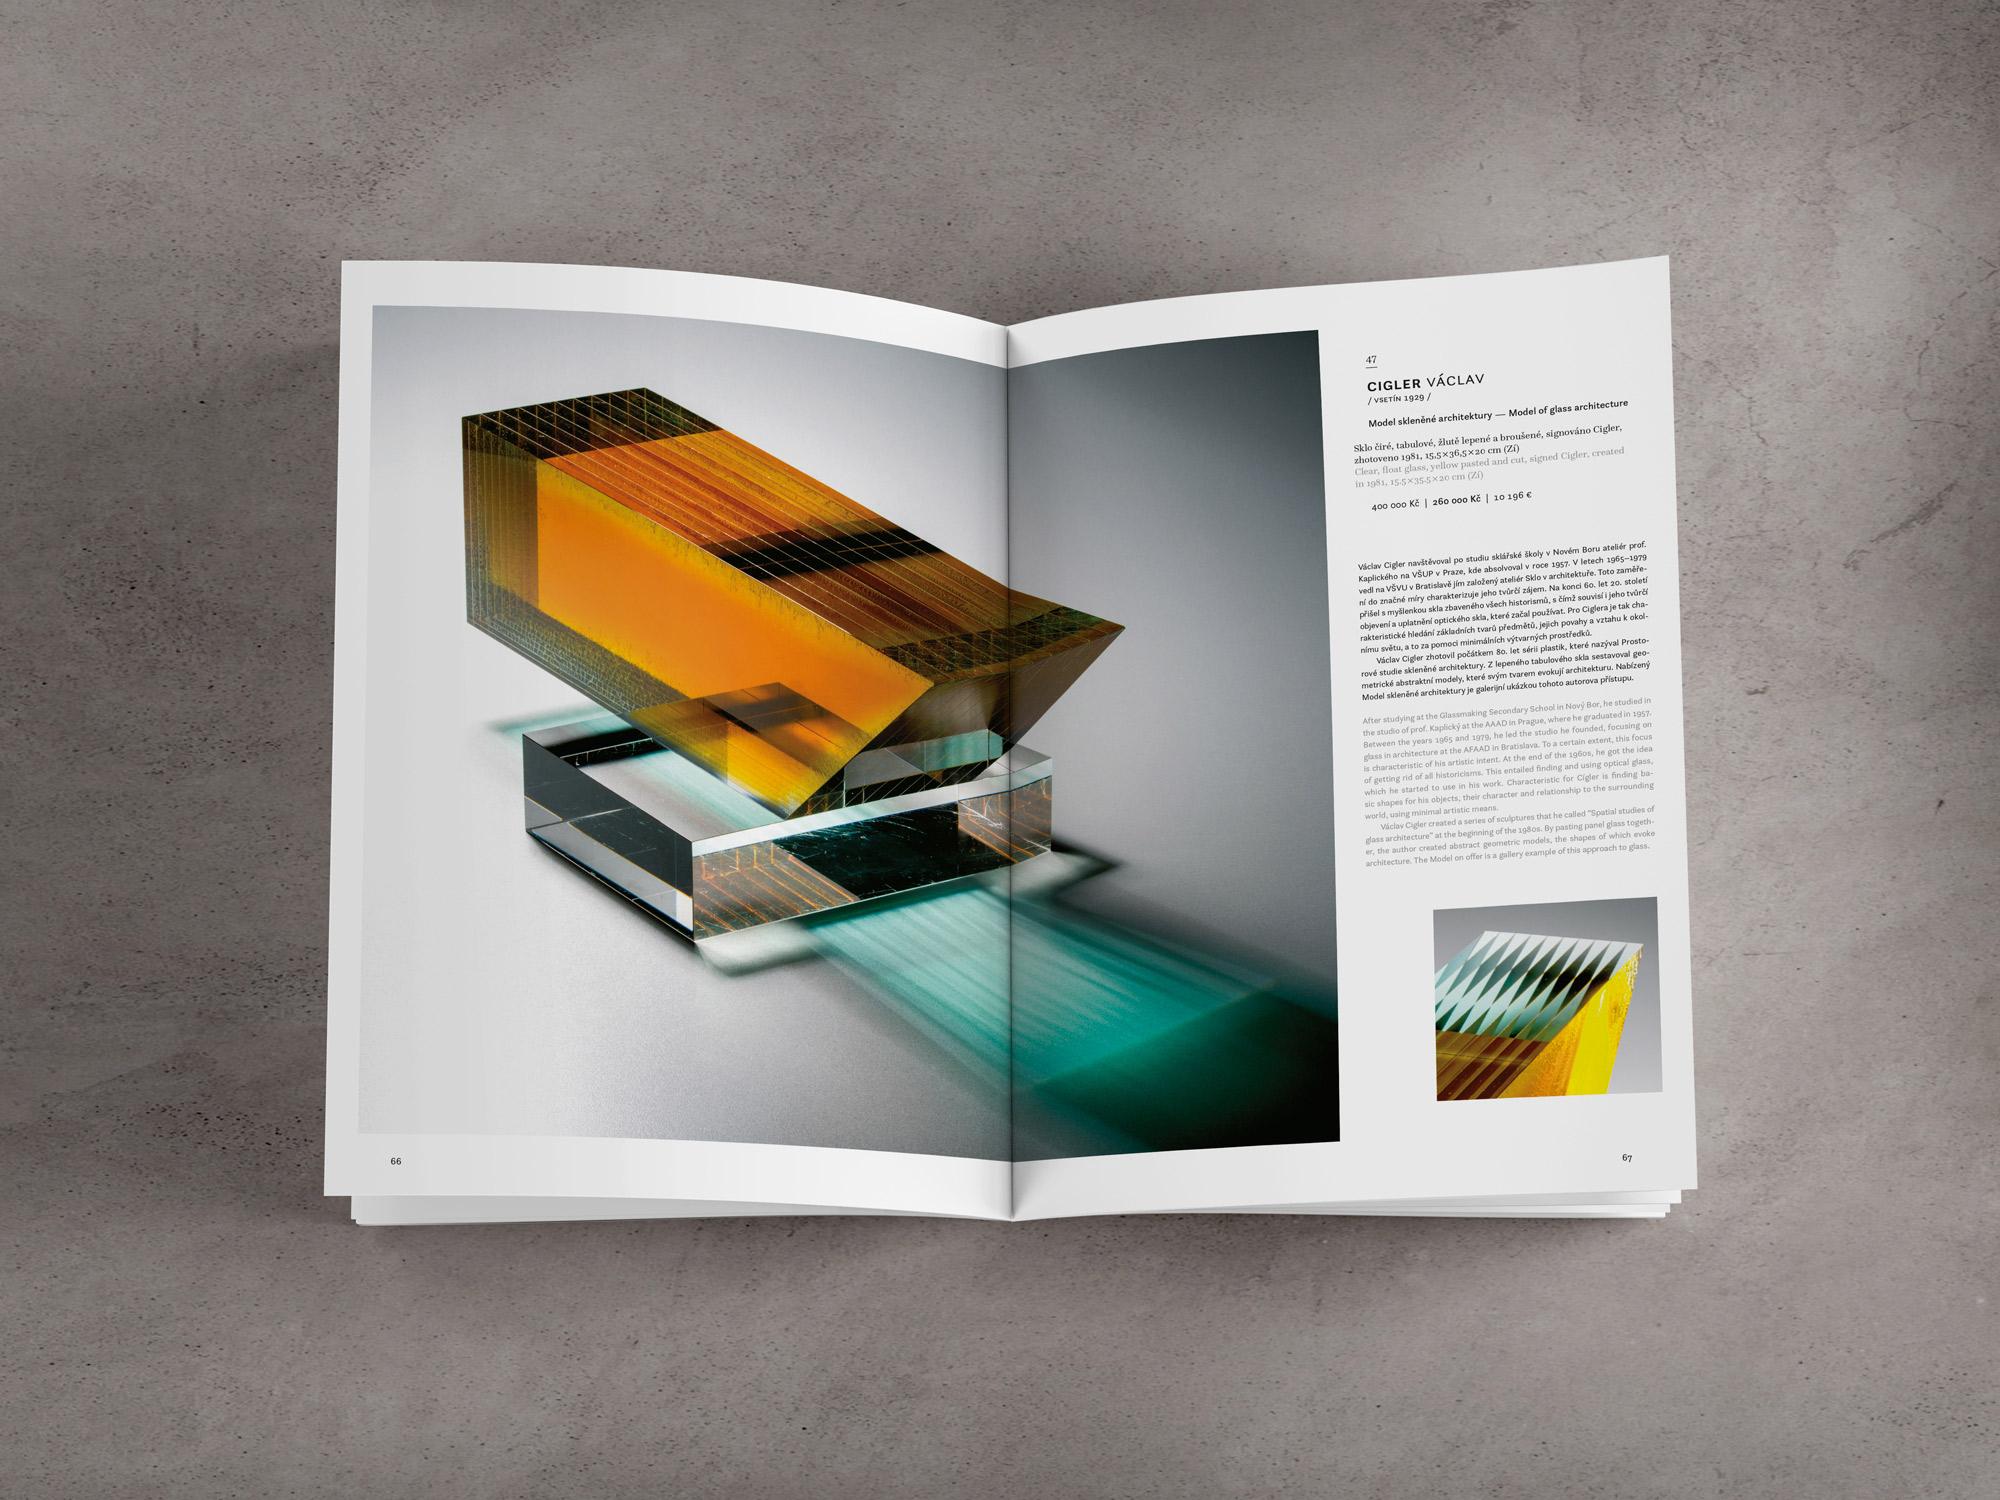 [album/Products_Model_Product/51/DOR_Krehka_sila_katalog_2017_vnitrek_3.jpg]